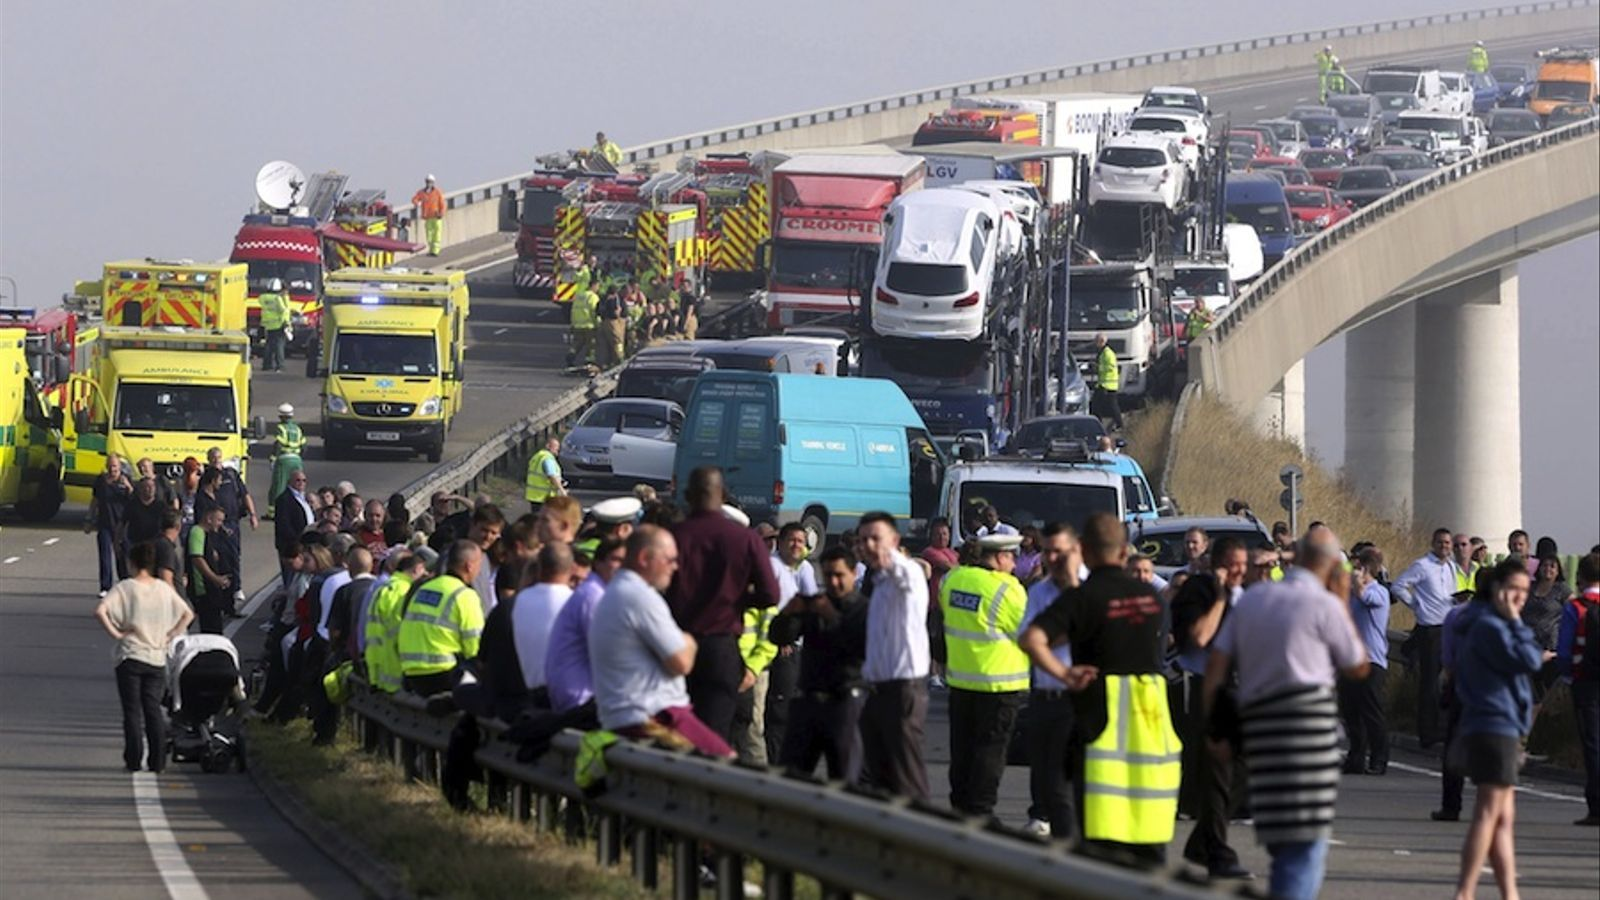 Desenes de ferits per un xoc de 130 vehicles en una autopista anglesa